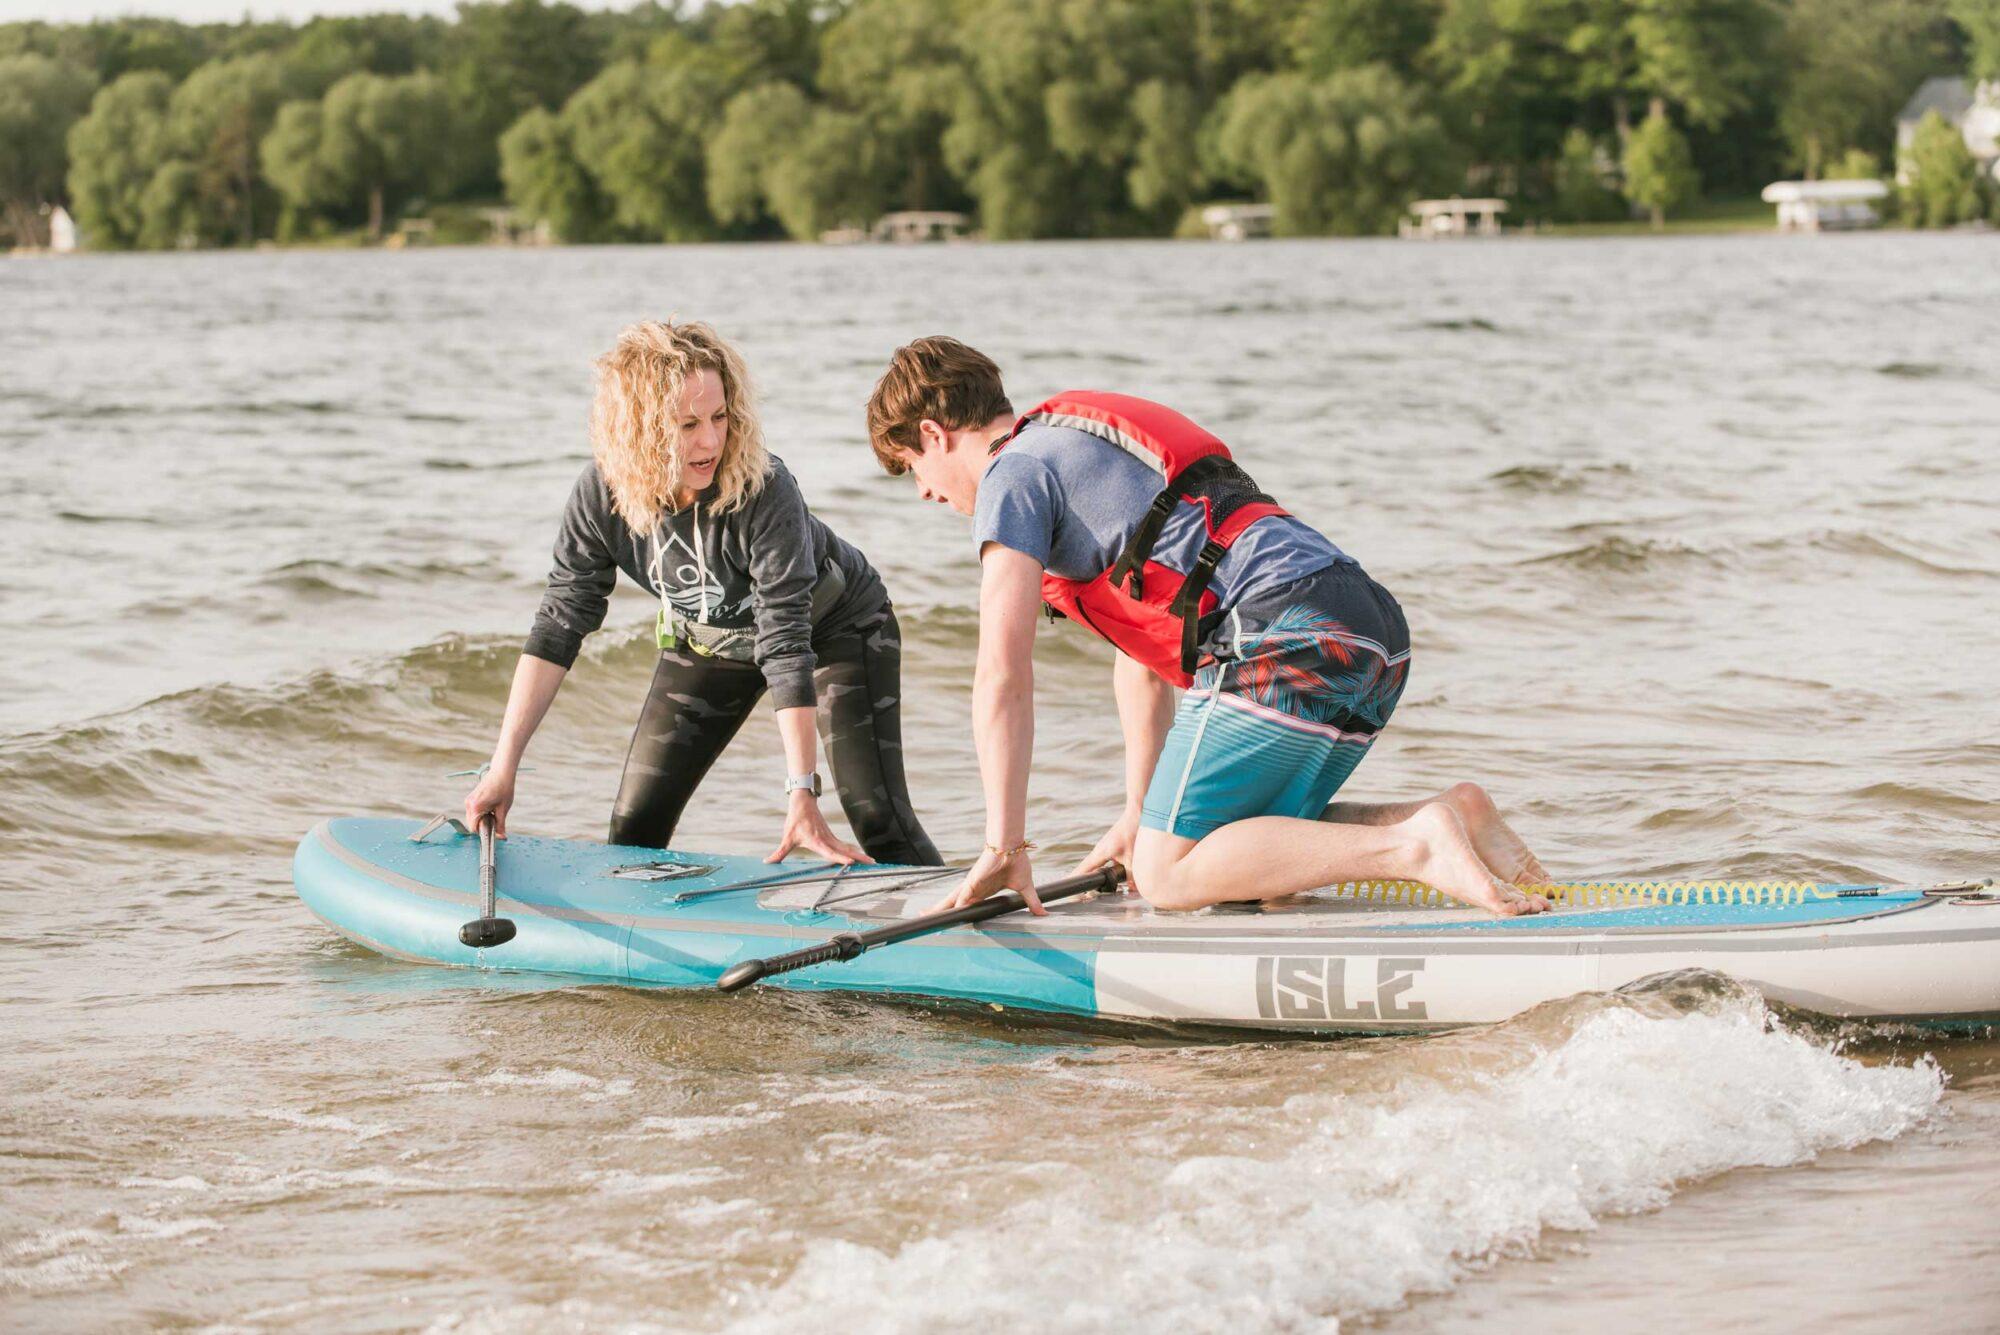 Acqua Dolce Paddle Holli instructing student on paddleboard